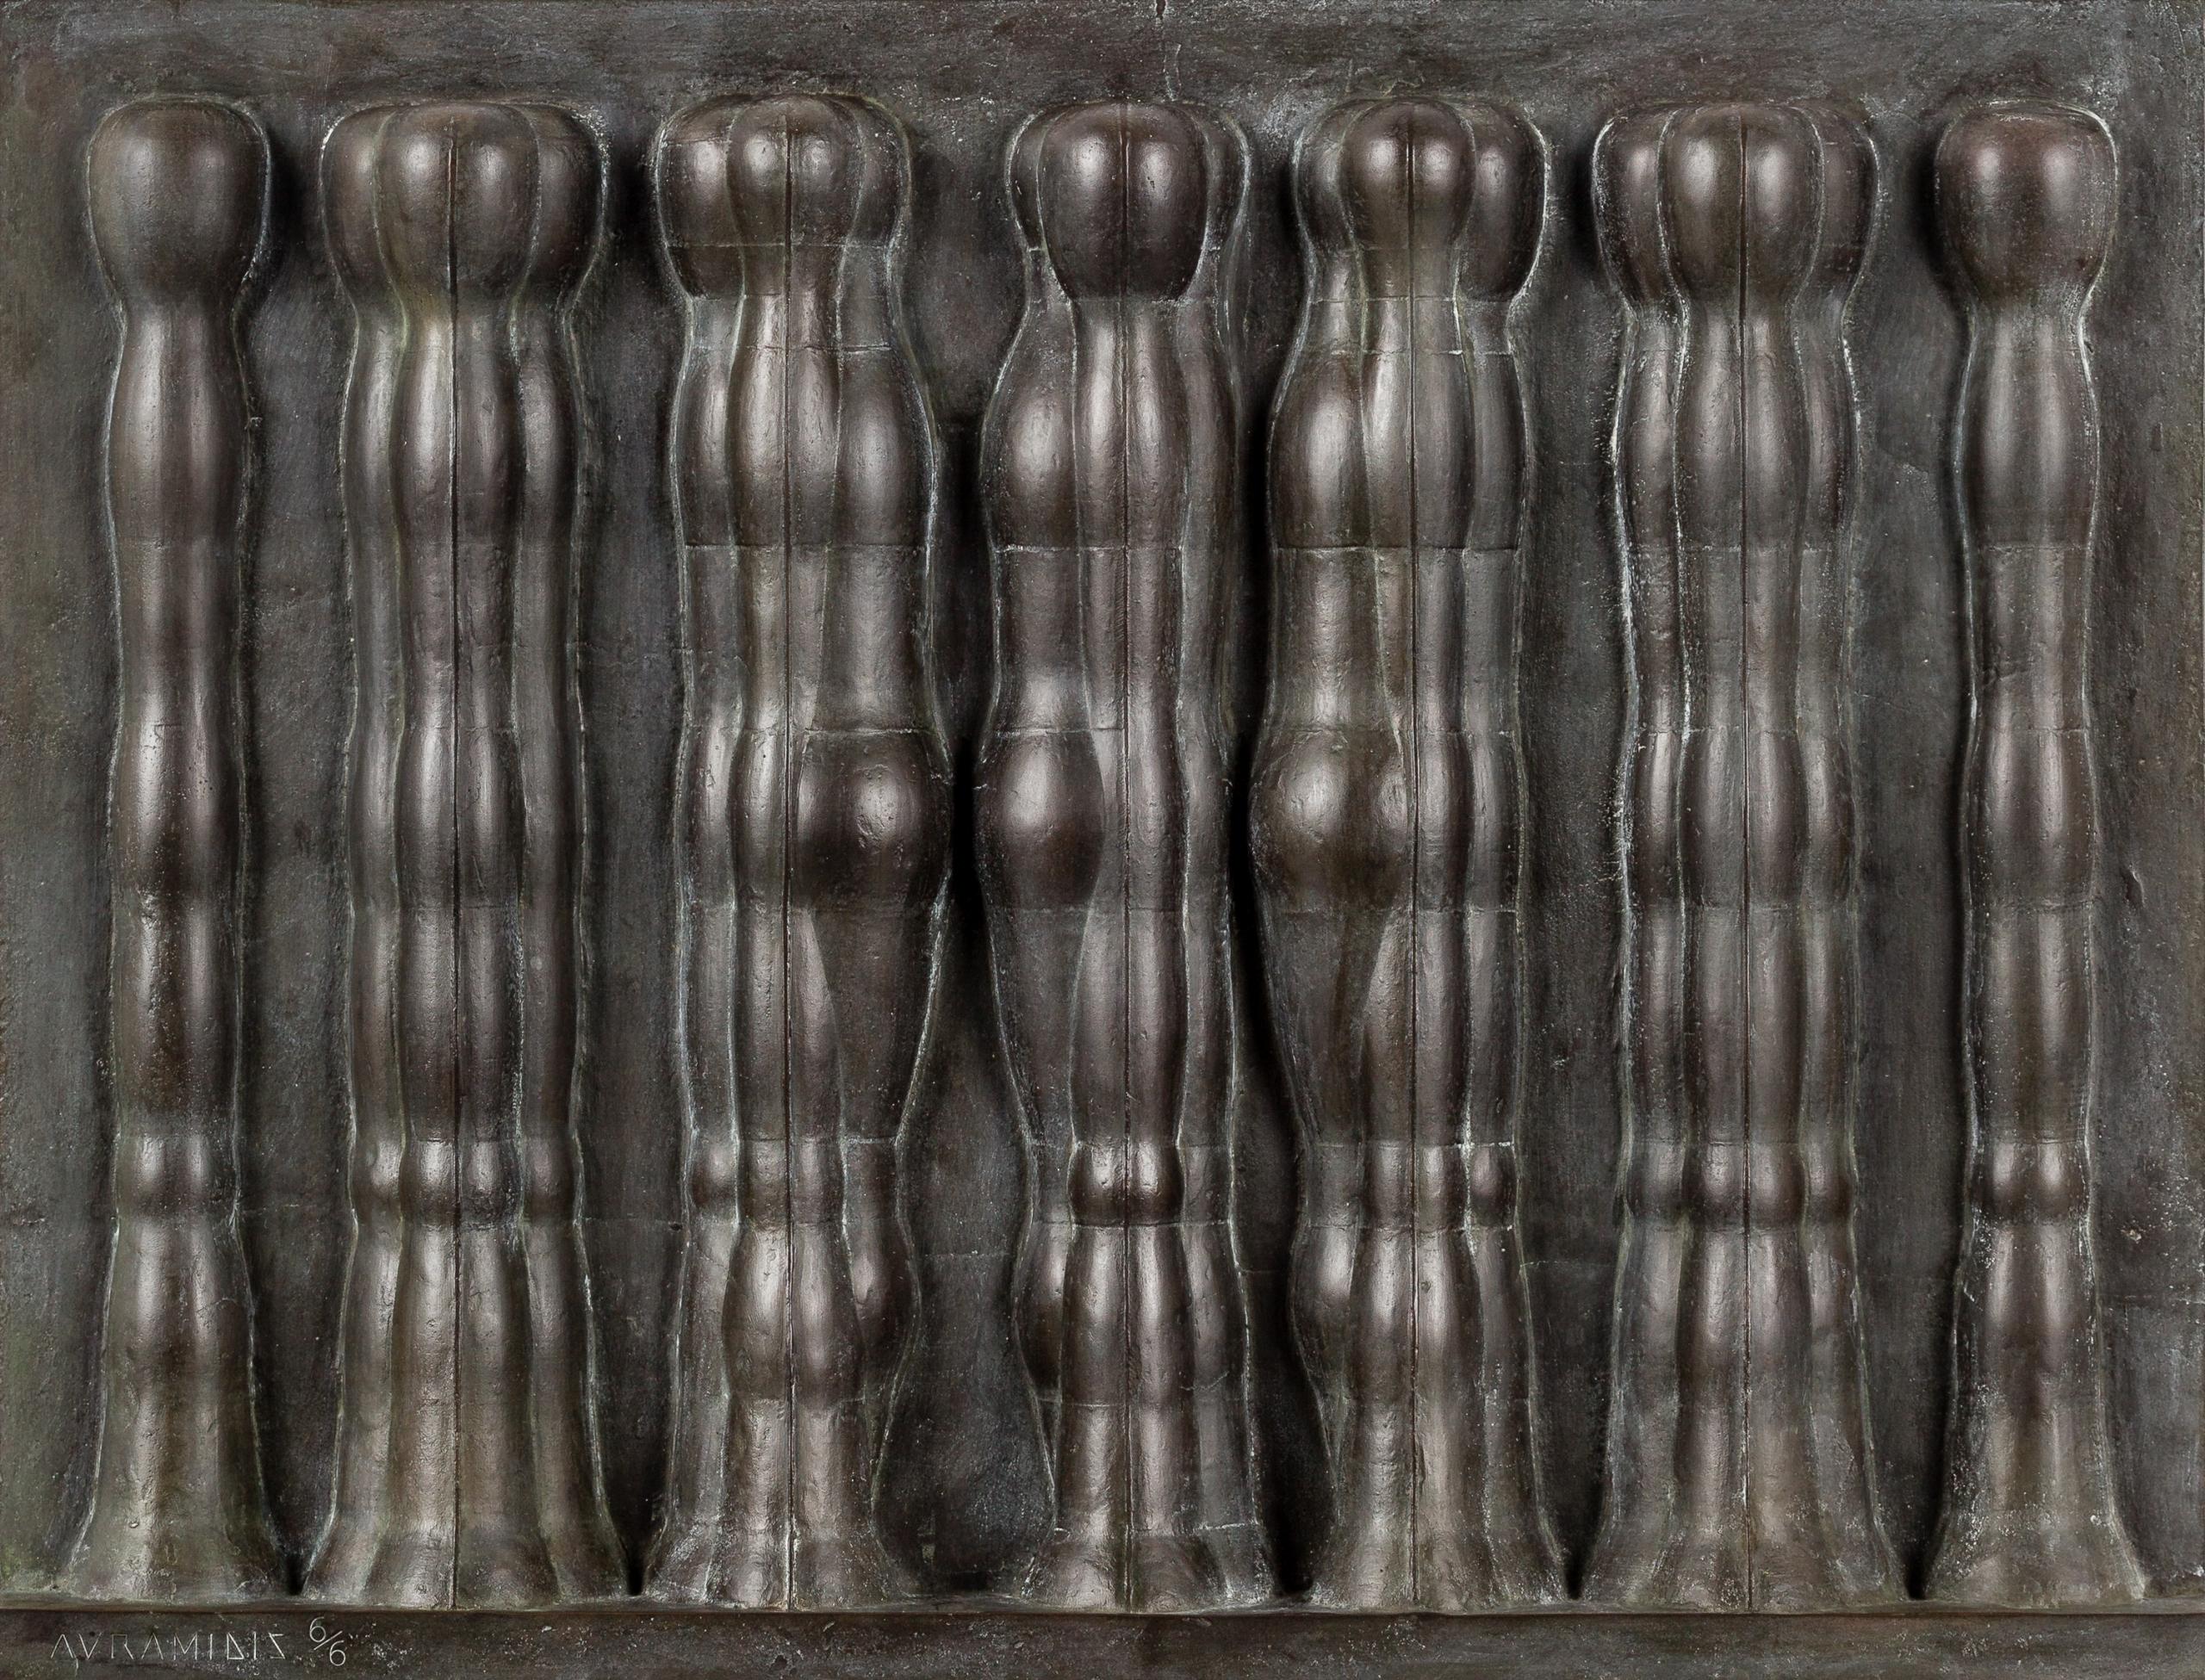 Joannis Avramidis, Relief mit sieben Figuren